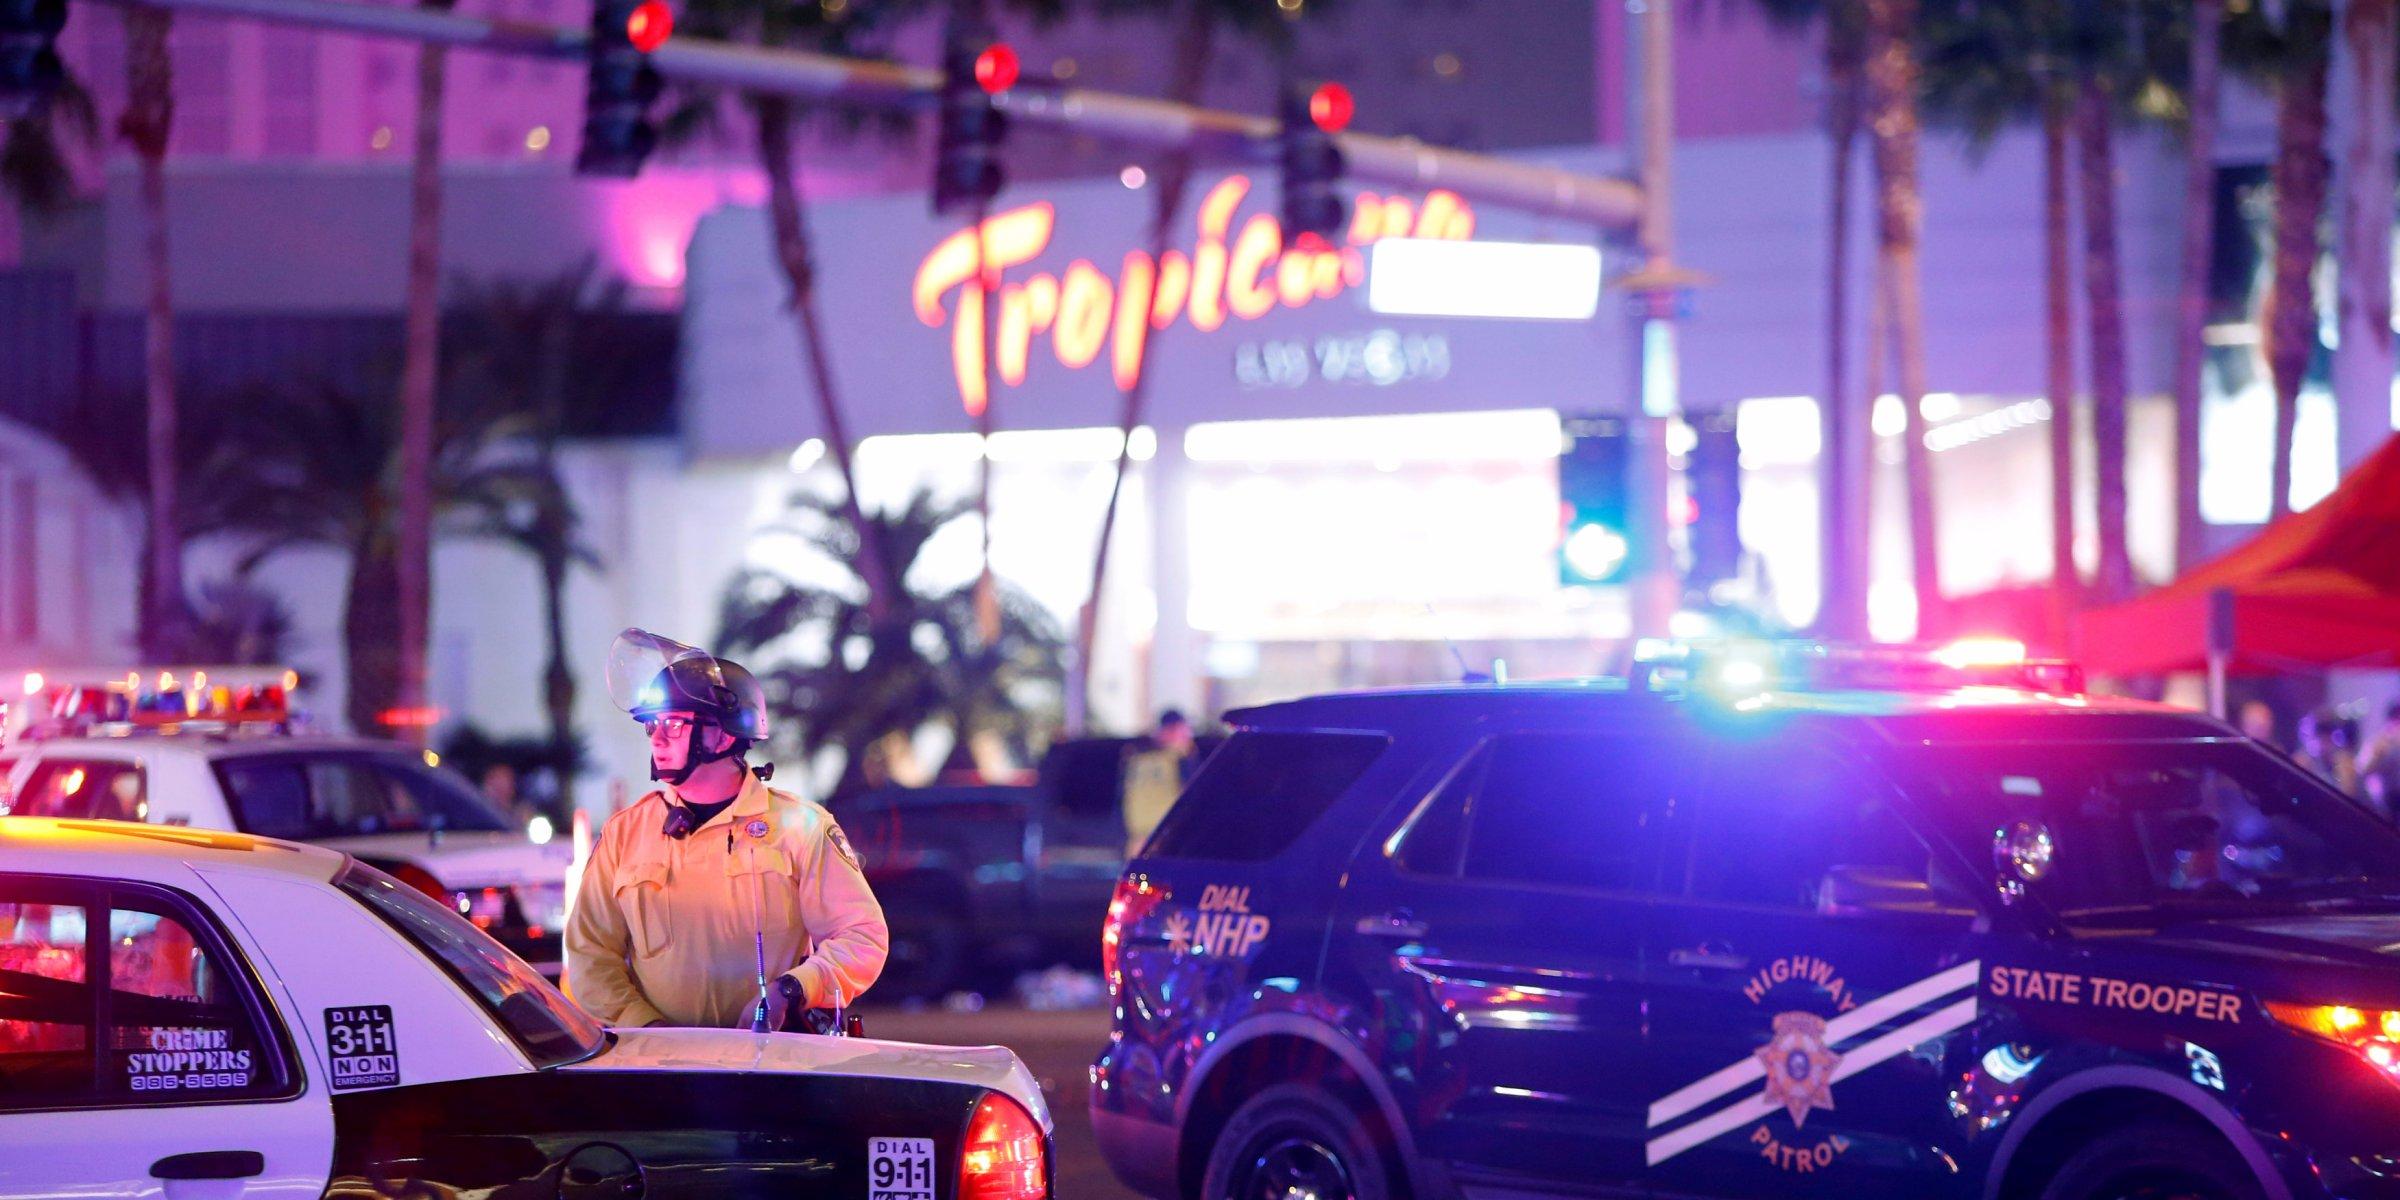 اف بی آی: عامل تیراندازی مرگبار لاس وگاس با داعش ارتباطی ندارد